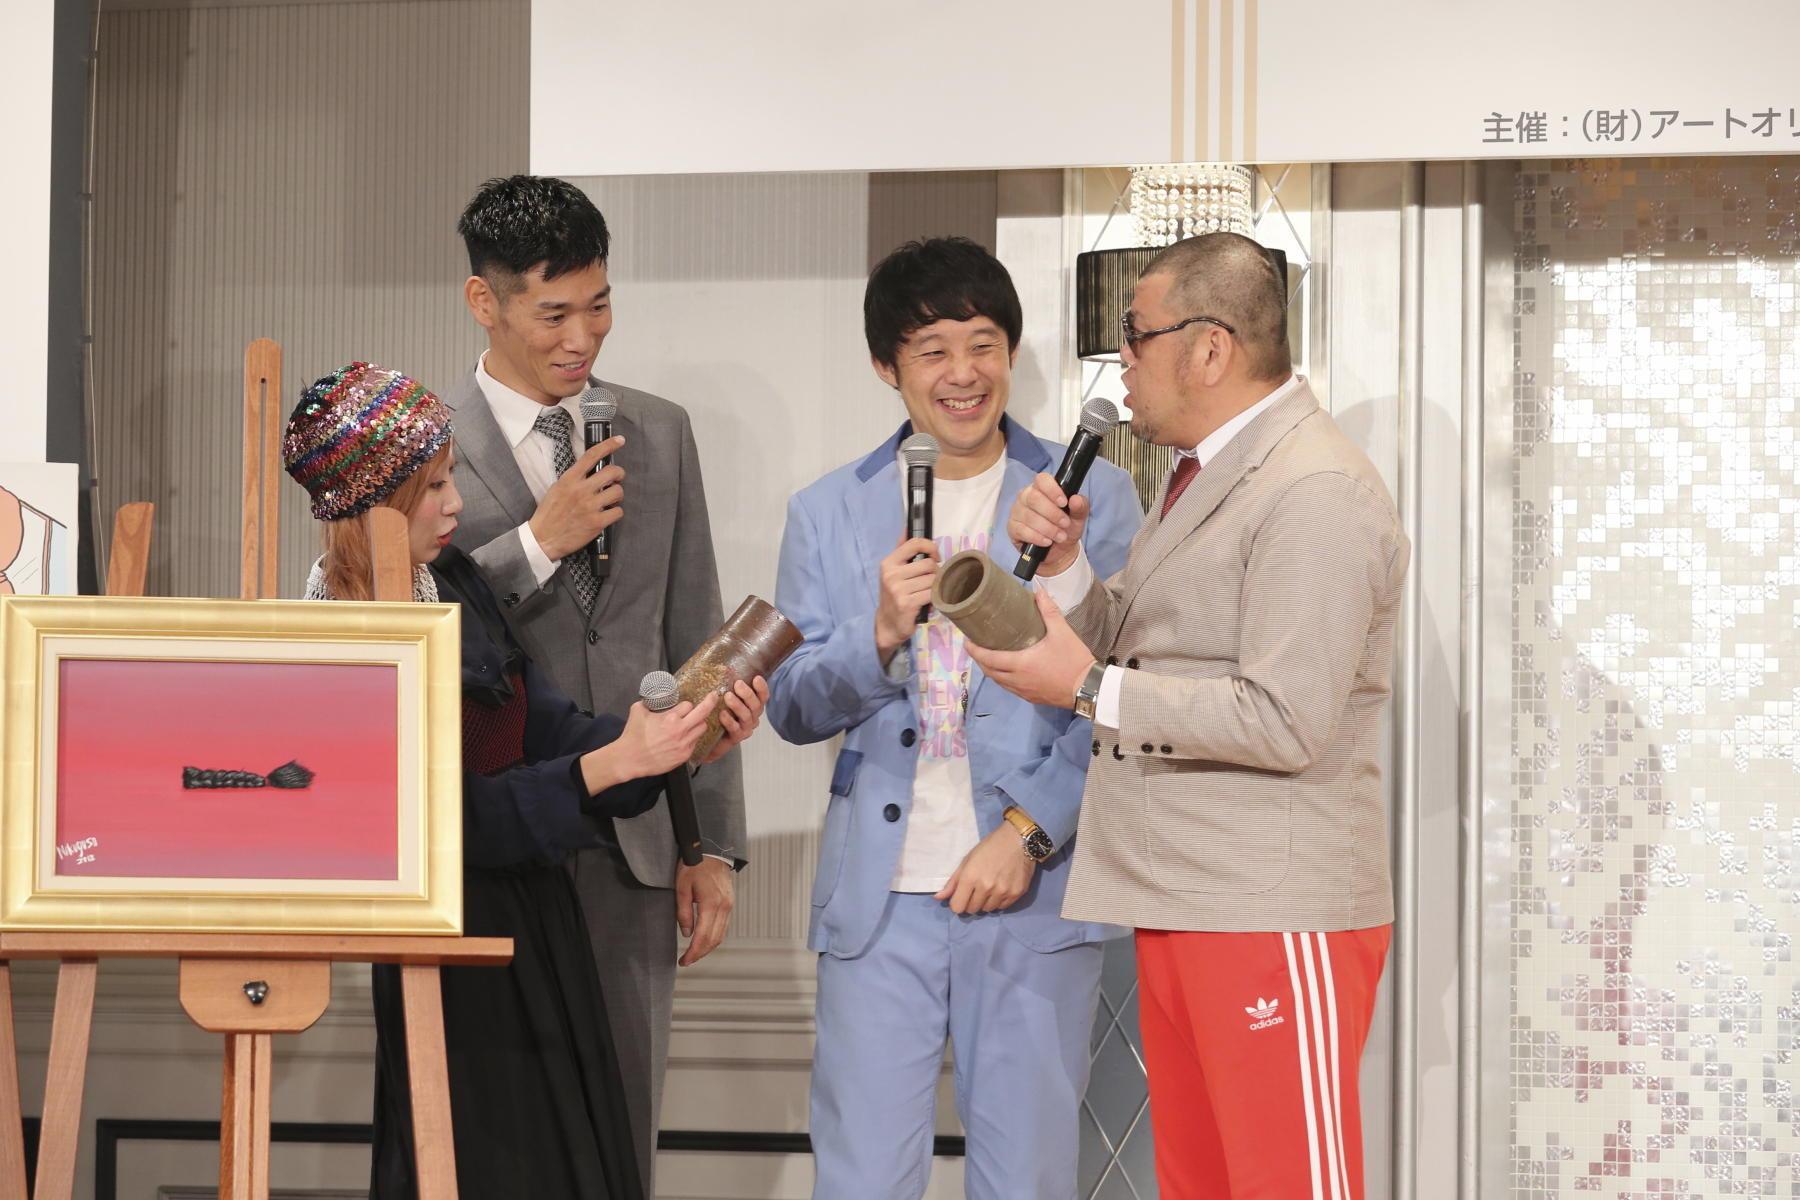 http://news.yoshimoto.co.jp/20181116153804-a59609c2b74a3f99132b6ce1368124b36df1bf3d.jpg